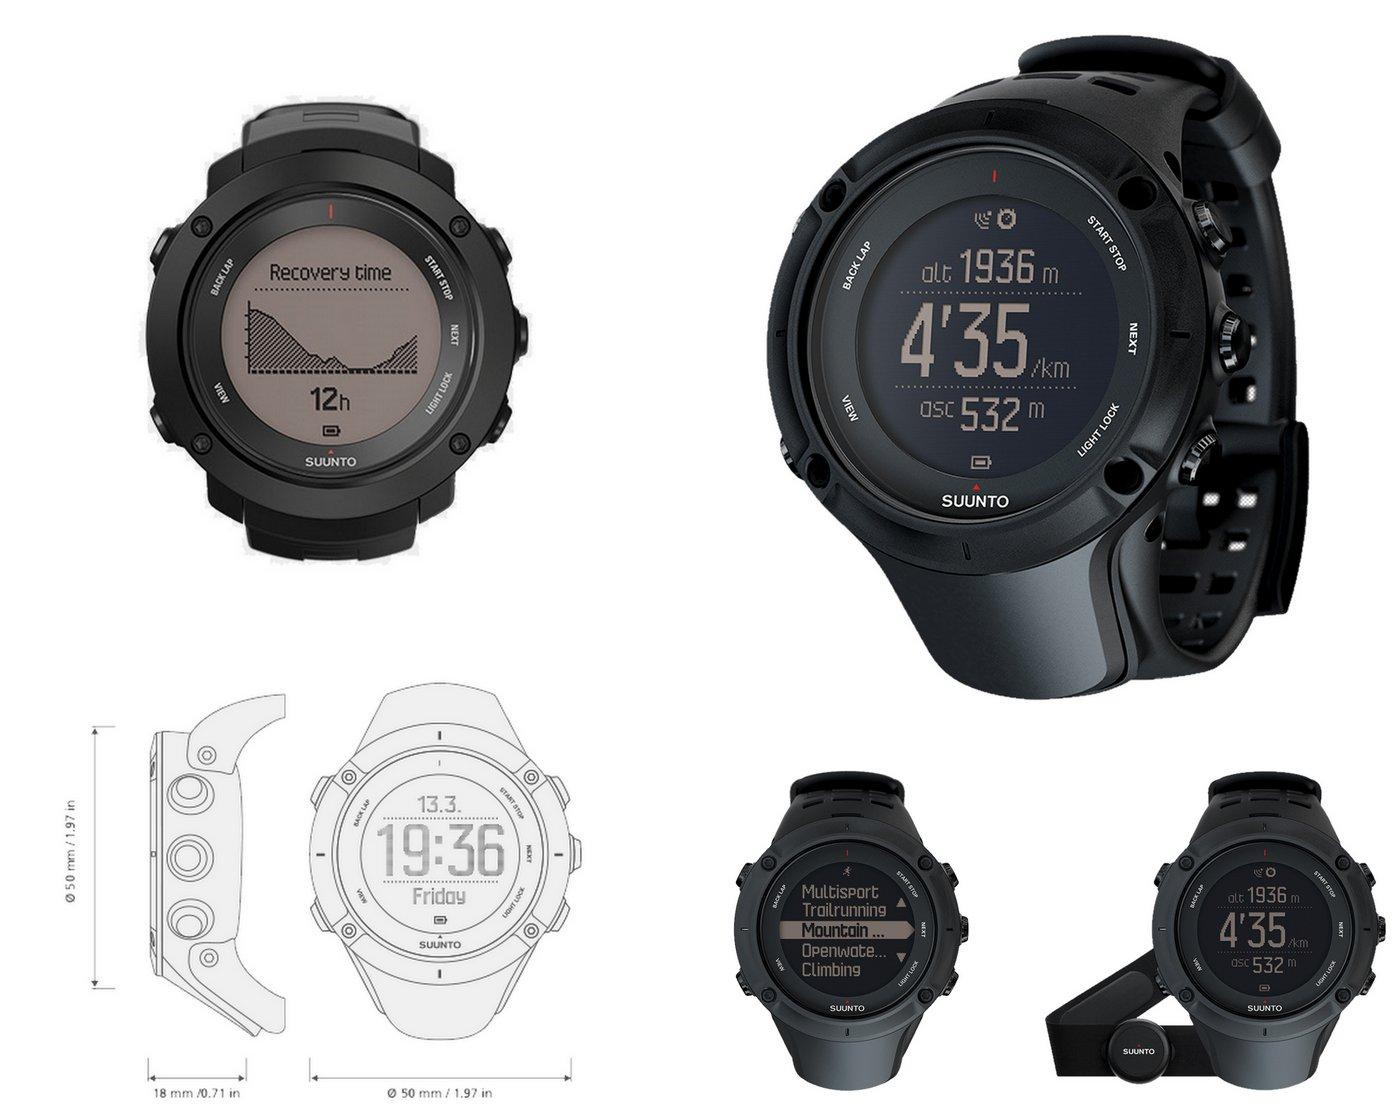 שעון ריצה סונטו אמביט 3 - משווק על ידי דוגית